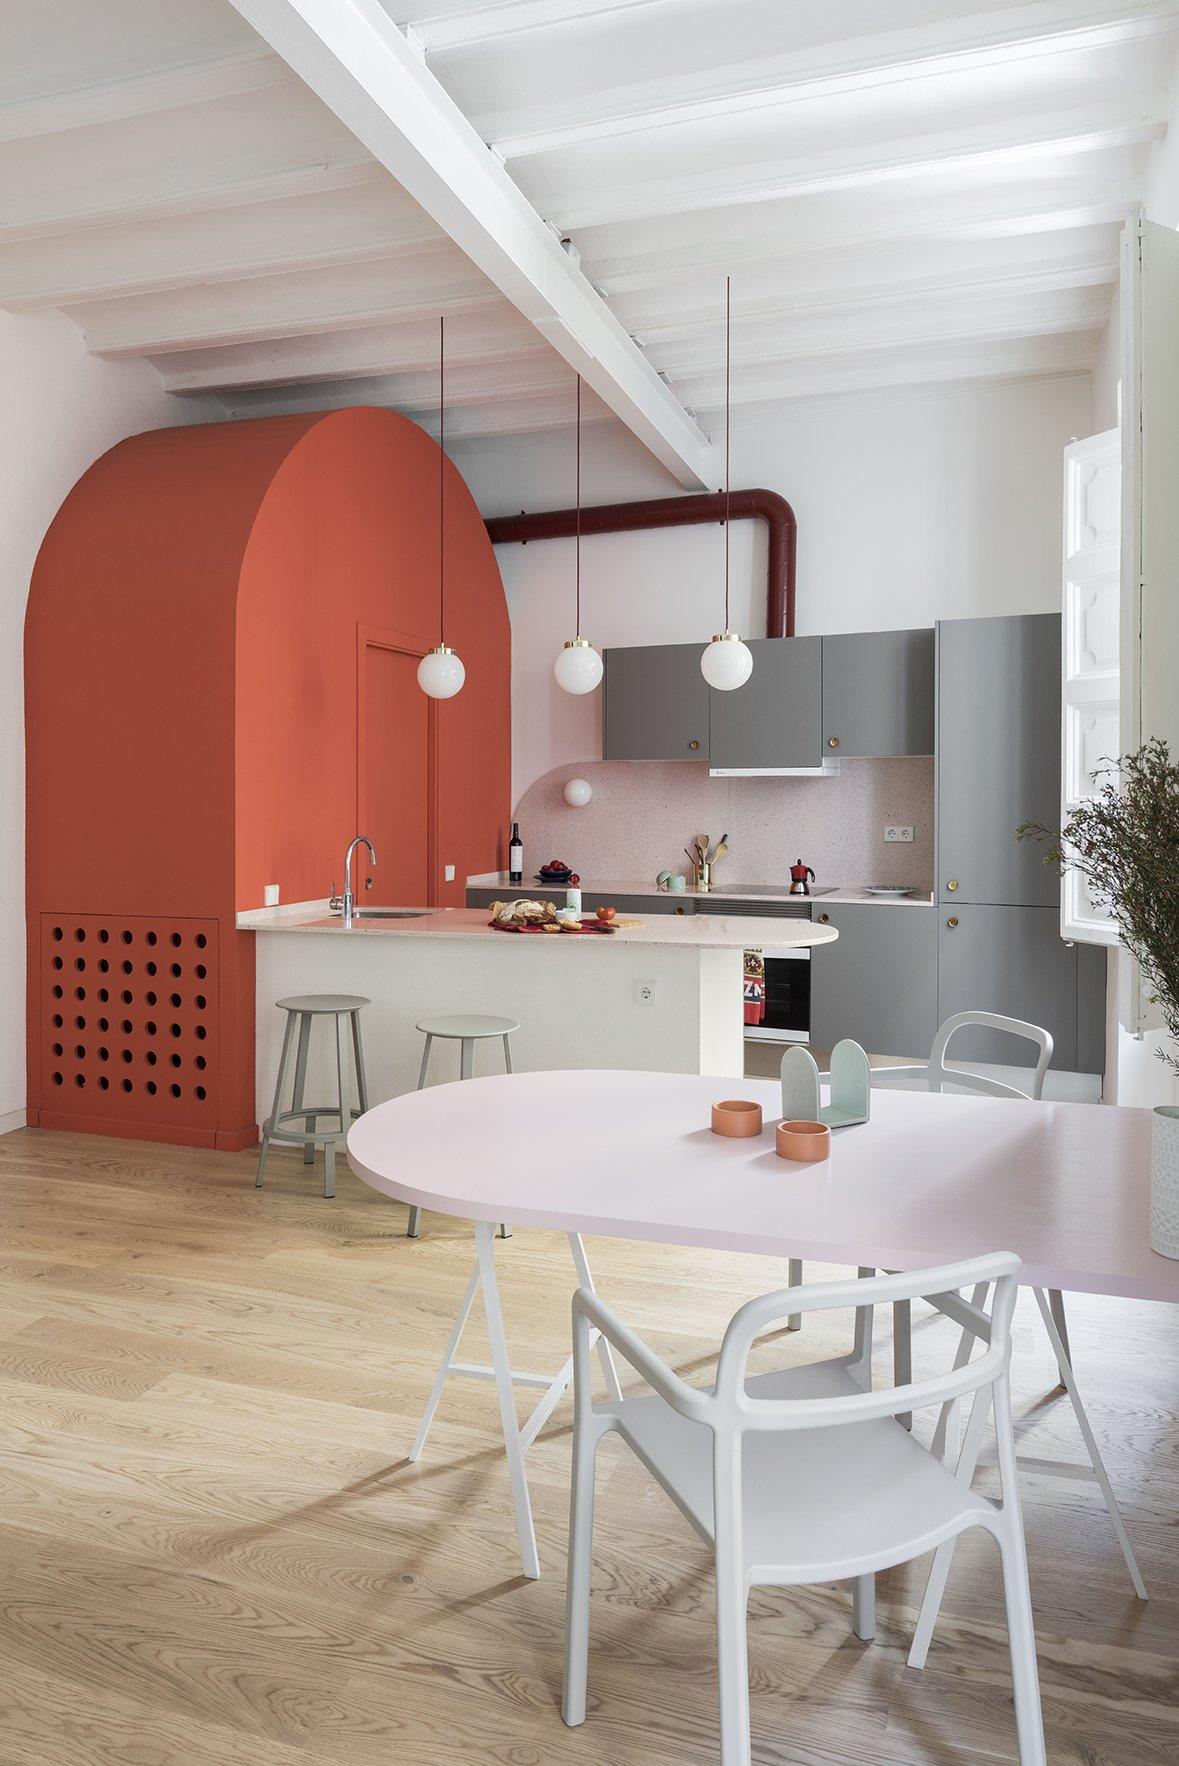 KitchenLivingDE_gestalten_book_wohnliche_kuchen_design_interior_mood4_05b9a7cf-ce46-46fc-b430-082957f88914_2000x.jpg